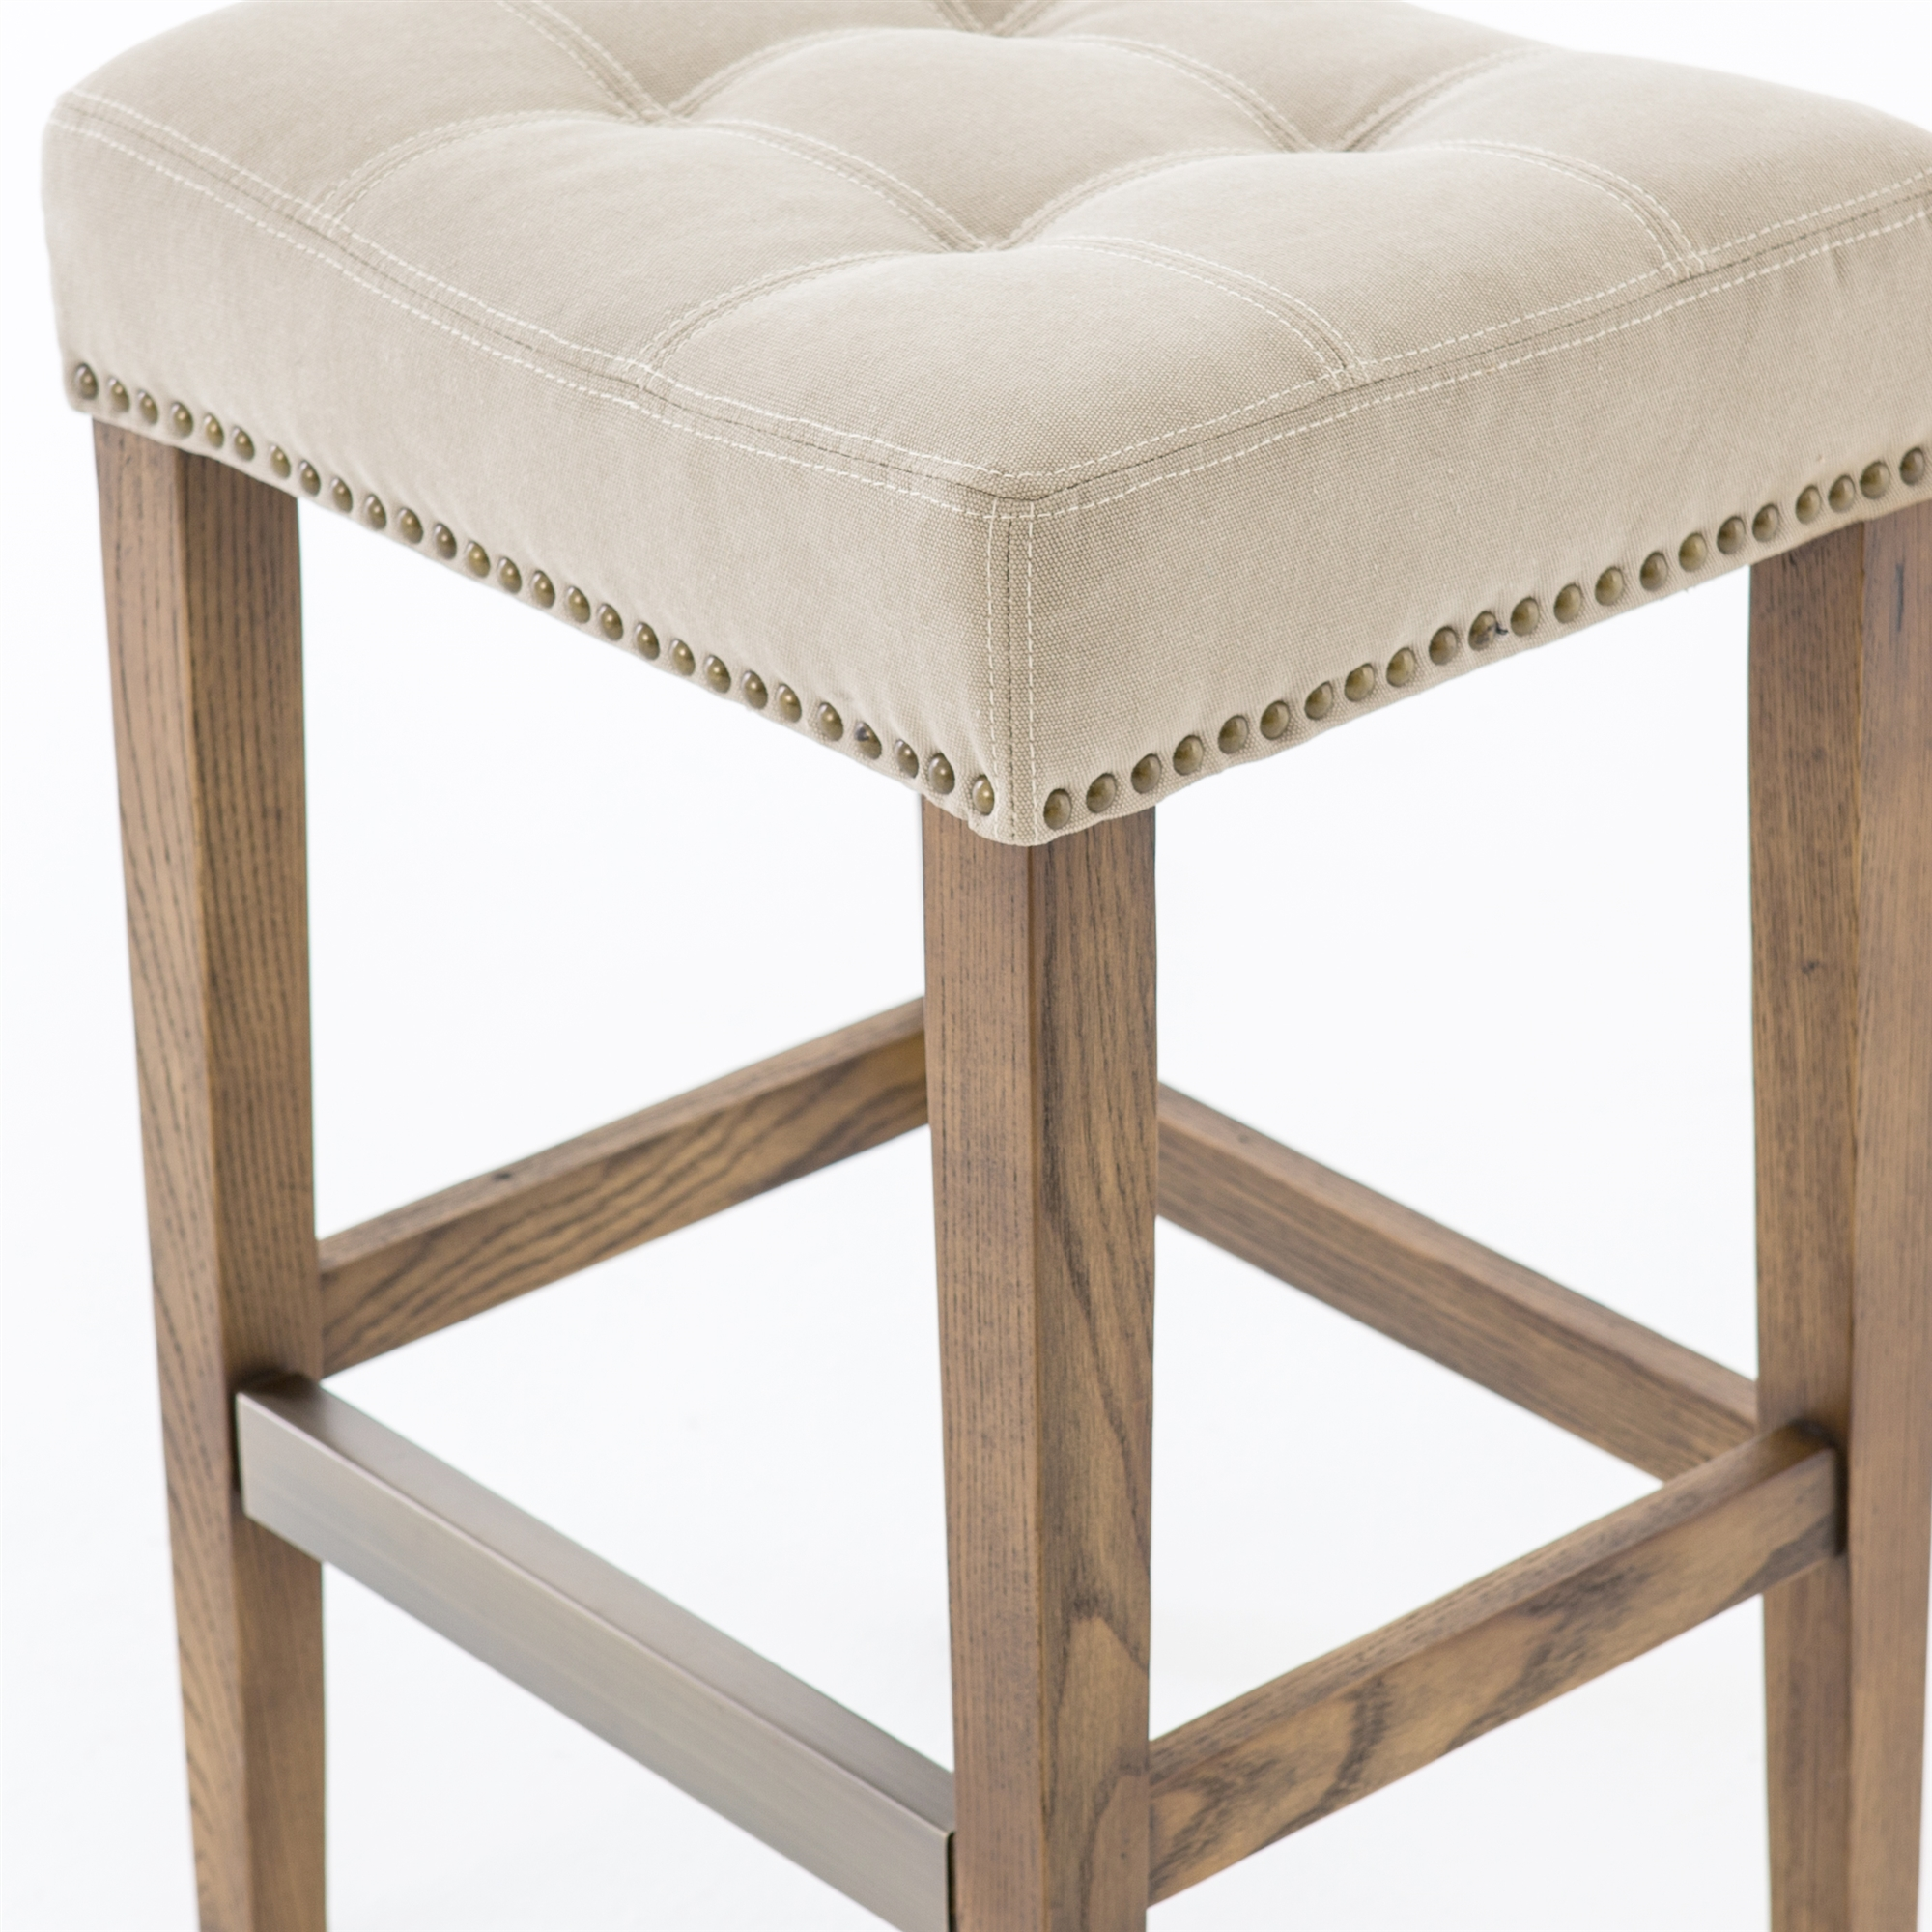 Strange Ashford Sean Counterstool With Kickplate In Desert Canvas Unemploymentrelief Wooden Chair Designs For Living Room Unemploymentrelieforg